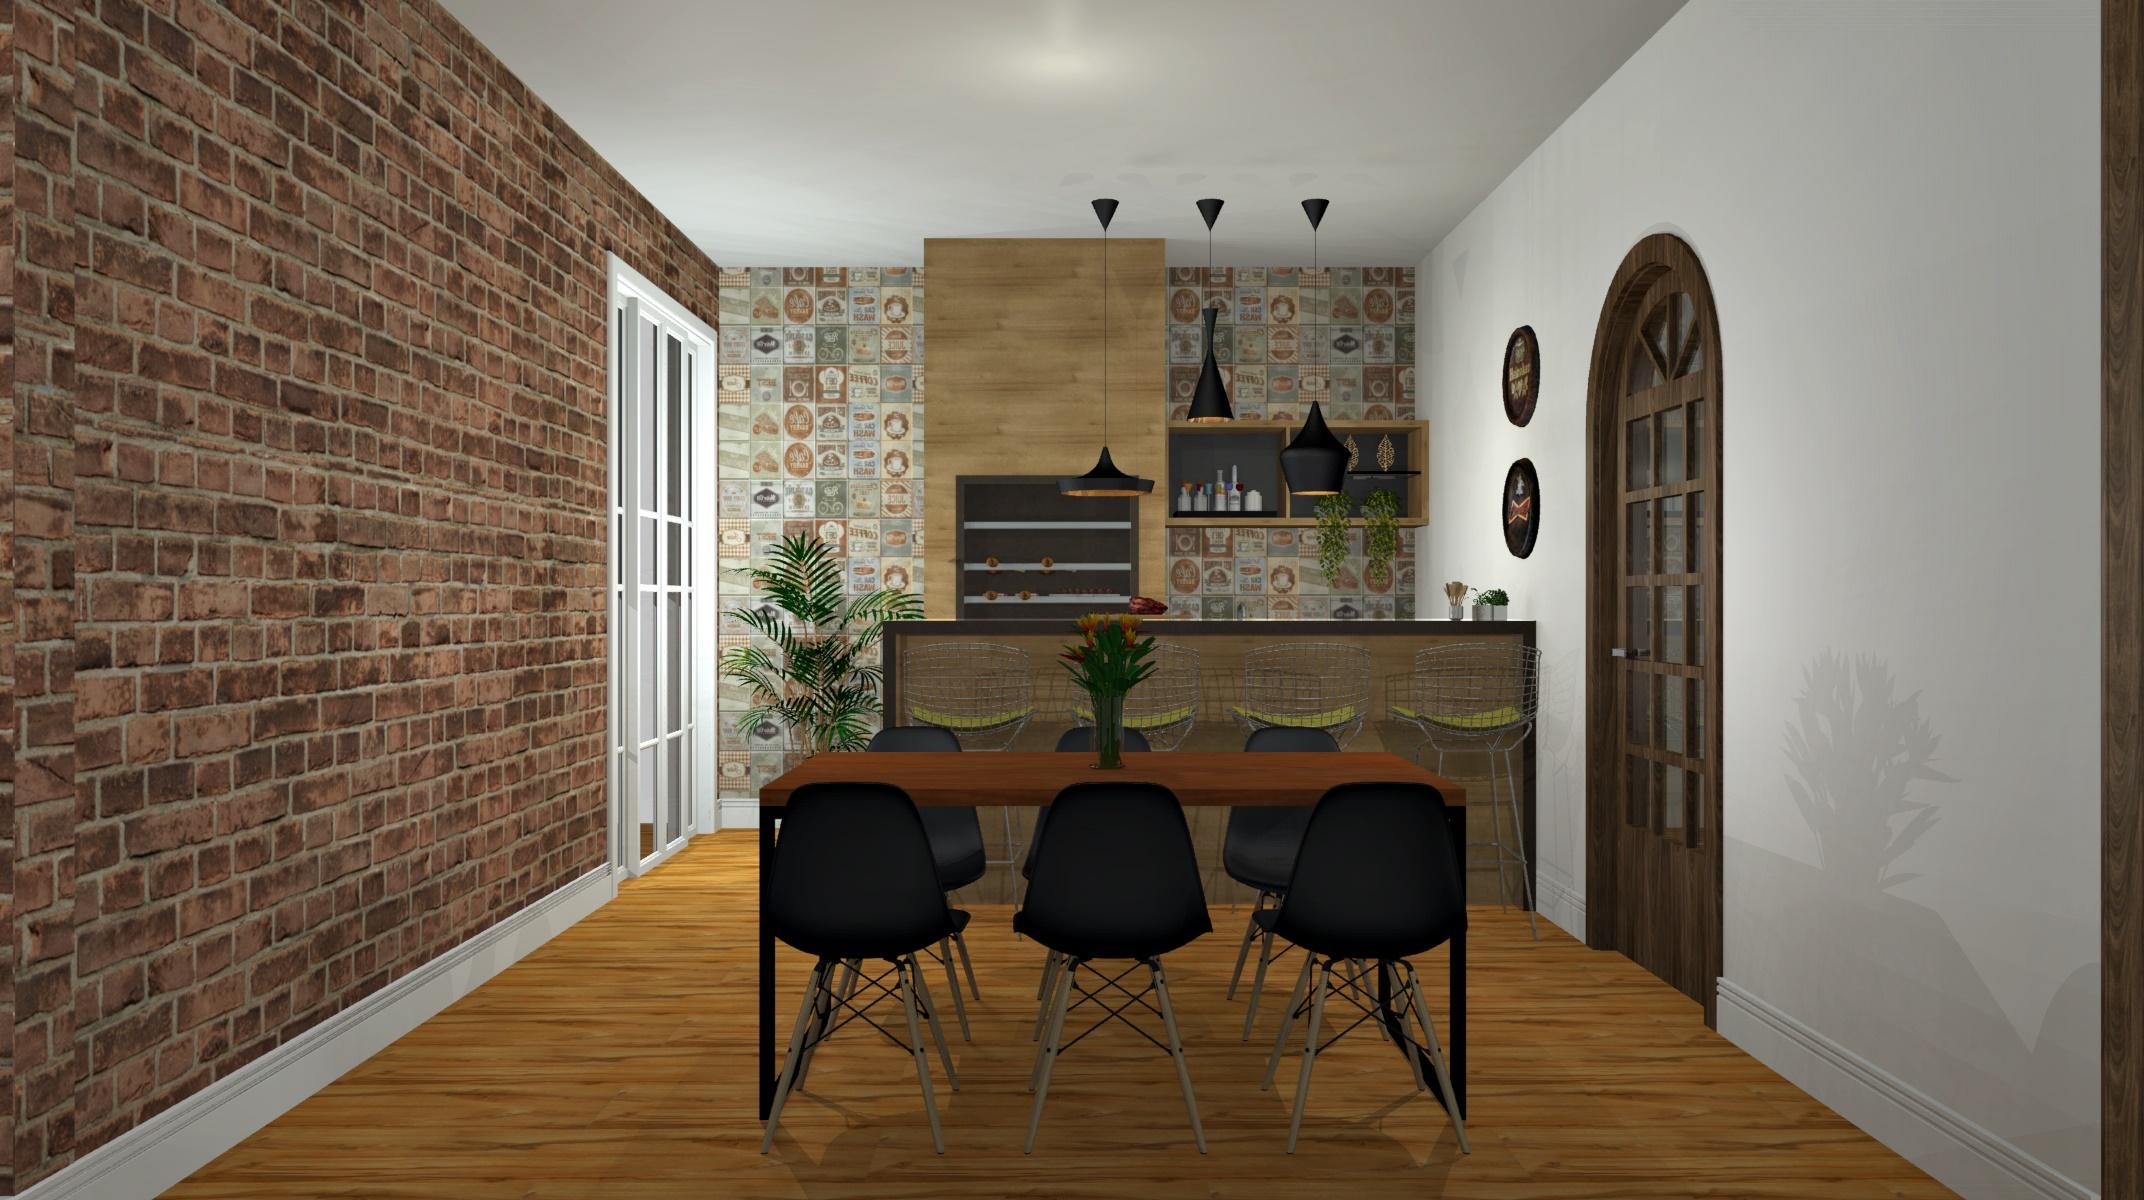 Sala de Jantar estilo Industrial Rústico